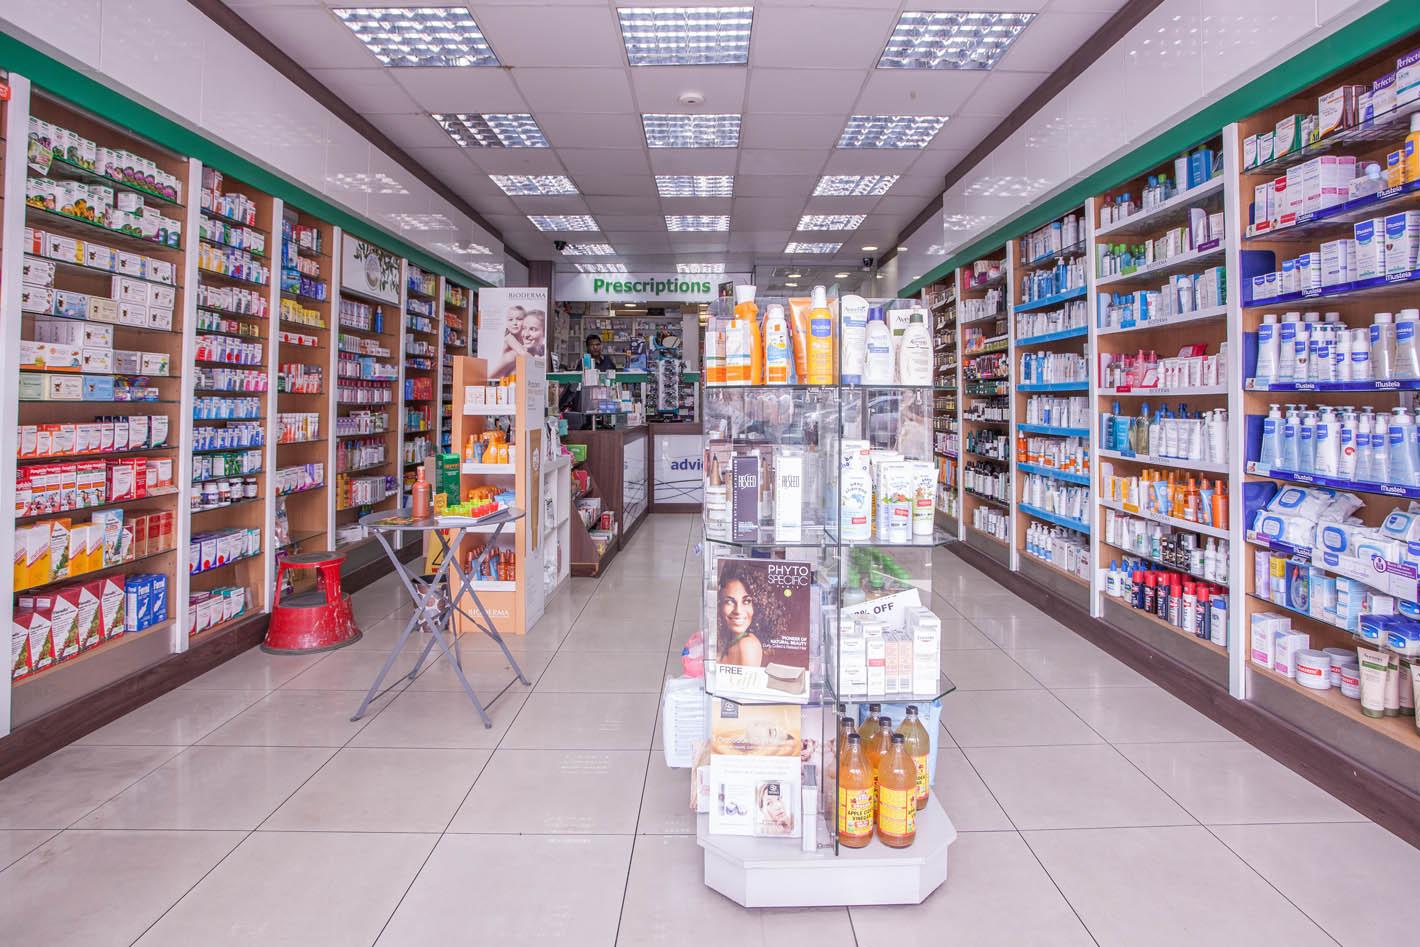 Orbis Pharmacy